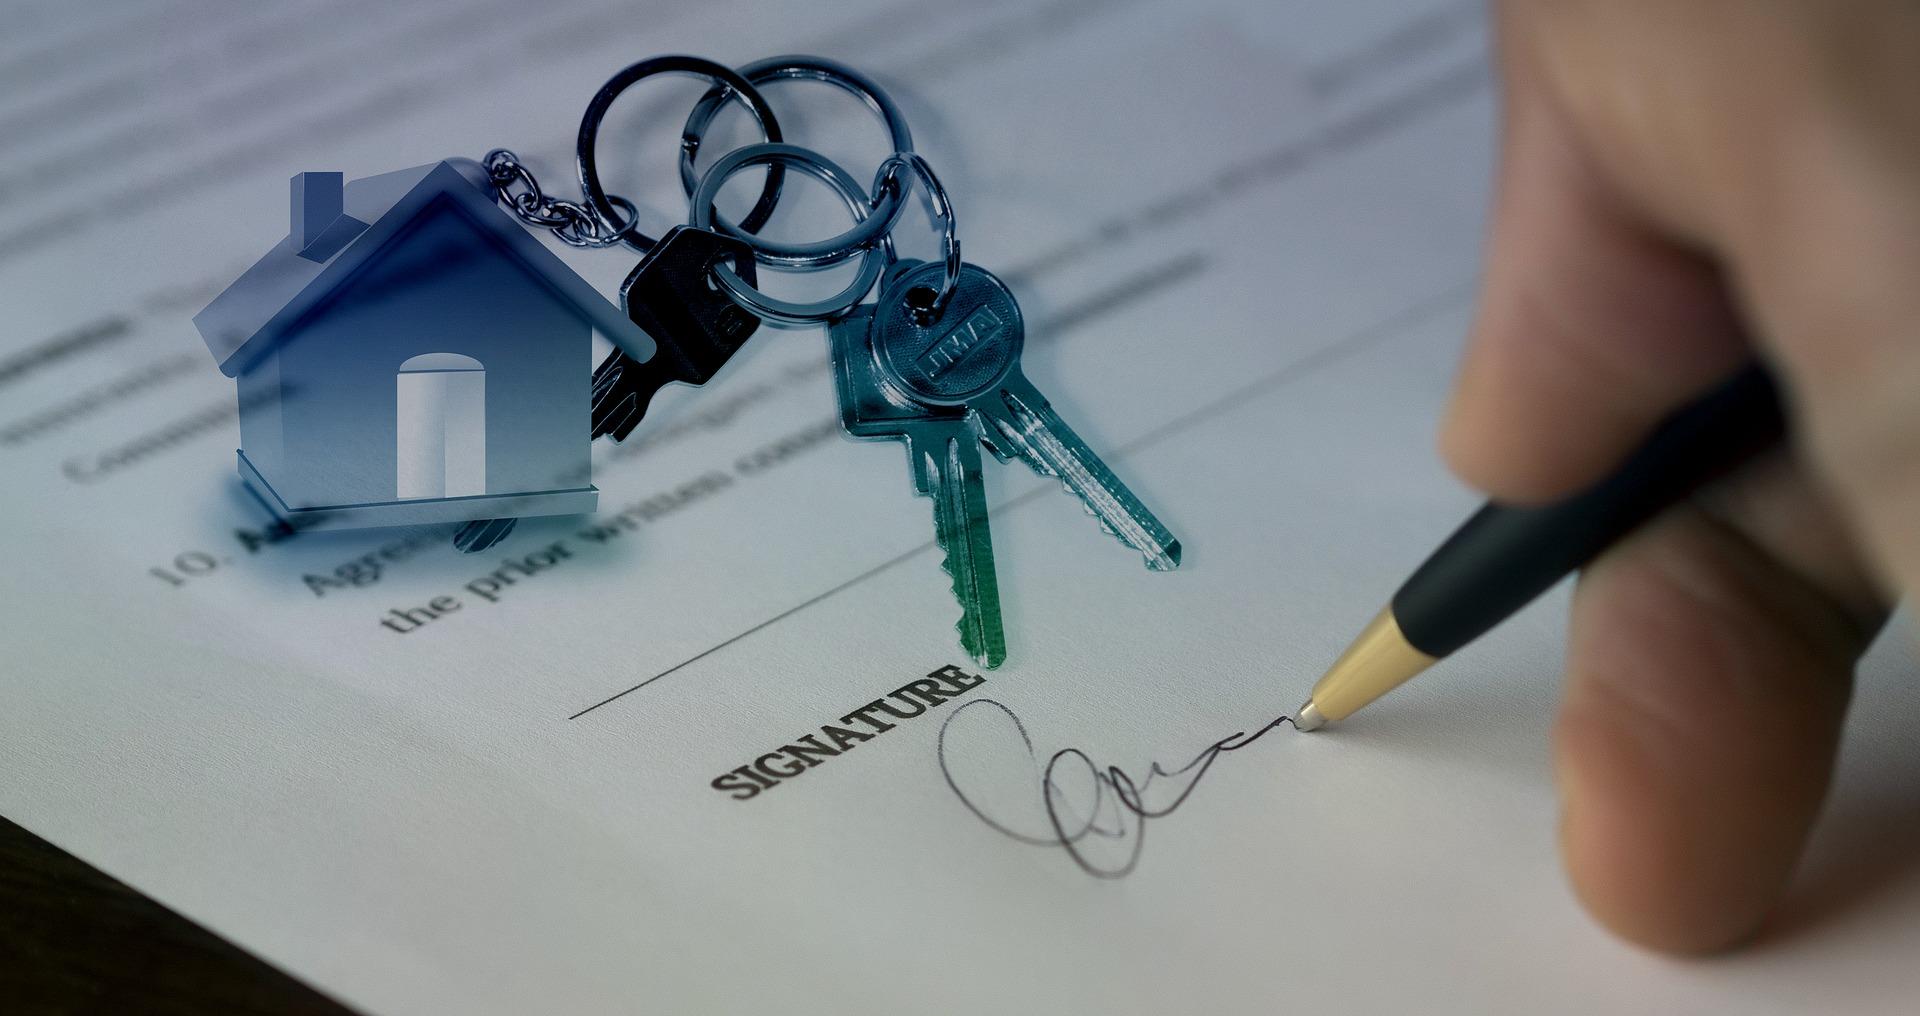 Ranking Immobiliendienstleister – Vorsicht bei unprofessionellen Anbietern